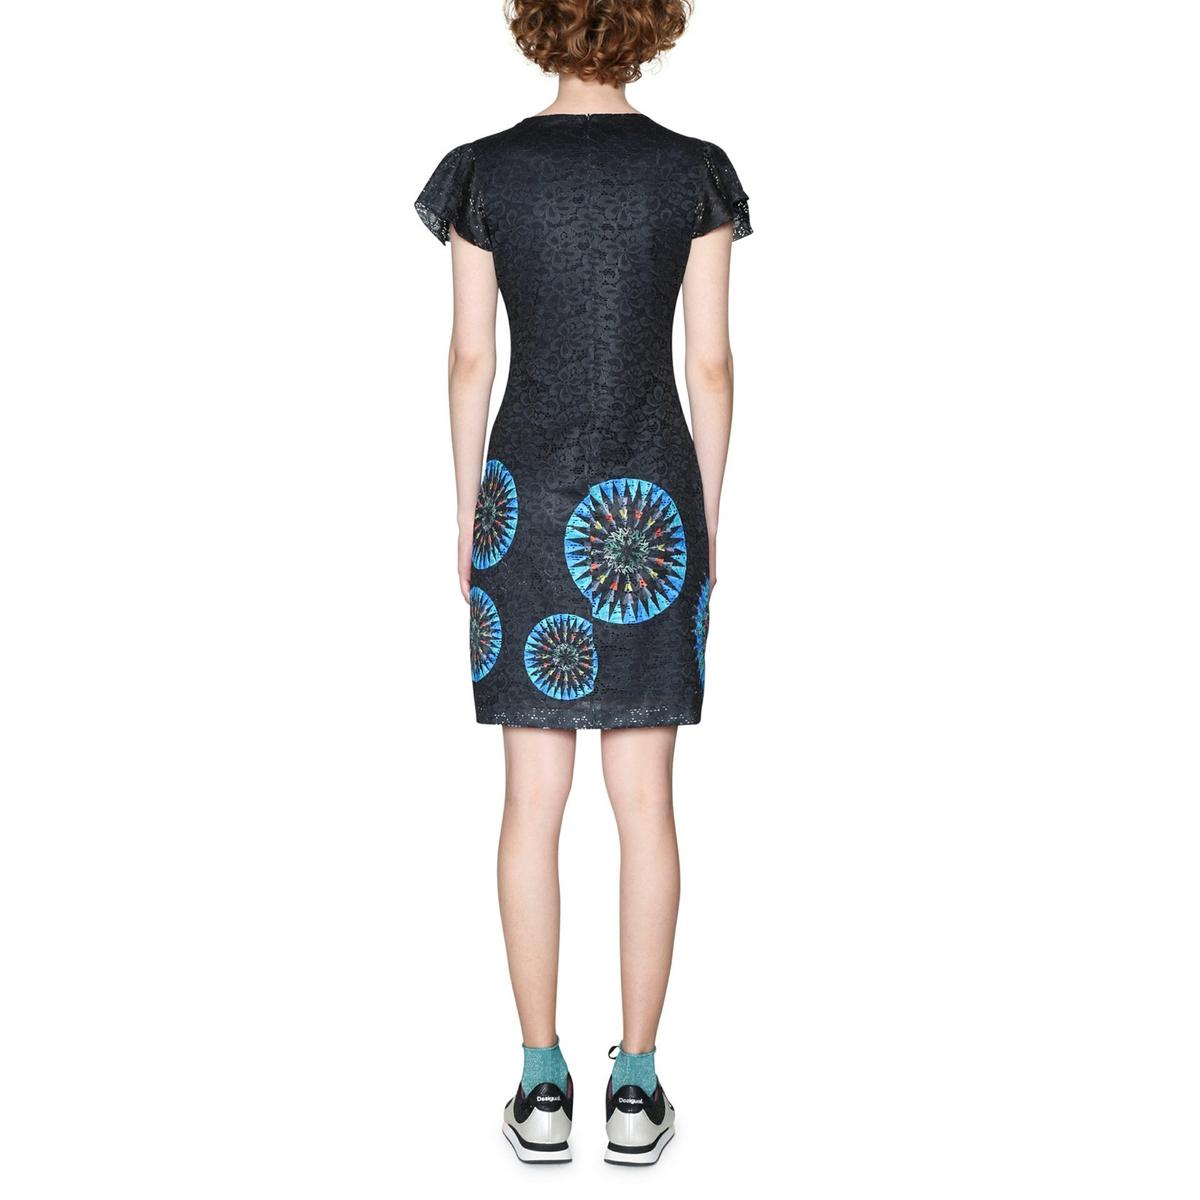 Платье короткое прямое с графическим рисункомОписание:Детали •  Форма : прямая •  Укороченная модель•  Короткие рукава    •  Круглый вырез •  Графический рисунокСостав и уход •  1% эластана, 99% полиэстера •  Следуйте рекомендациям по уходу, указанным на этикетке изделия<br><br>Цвет: рисунок темно-синий